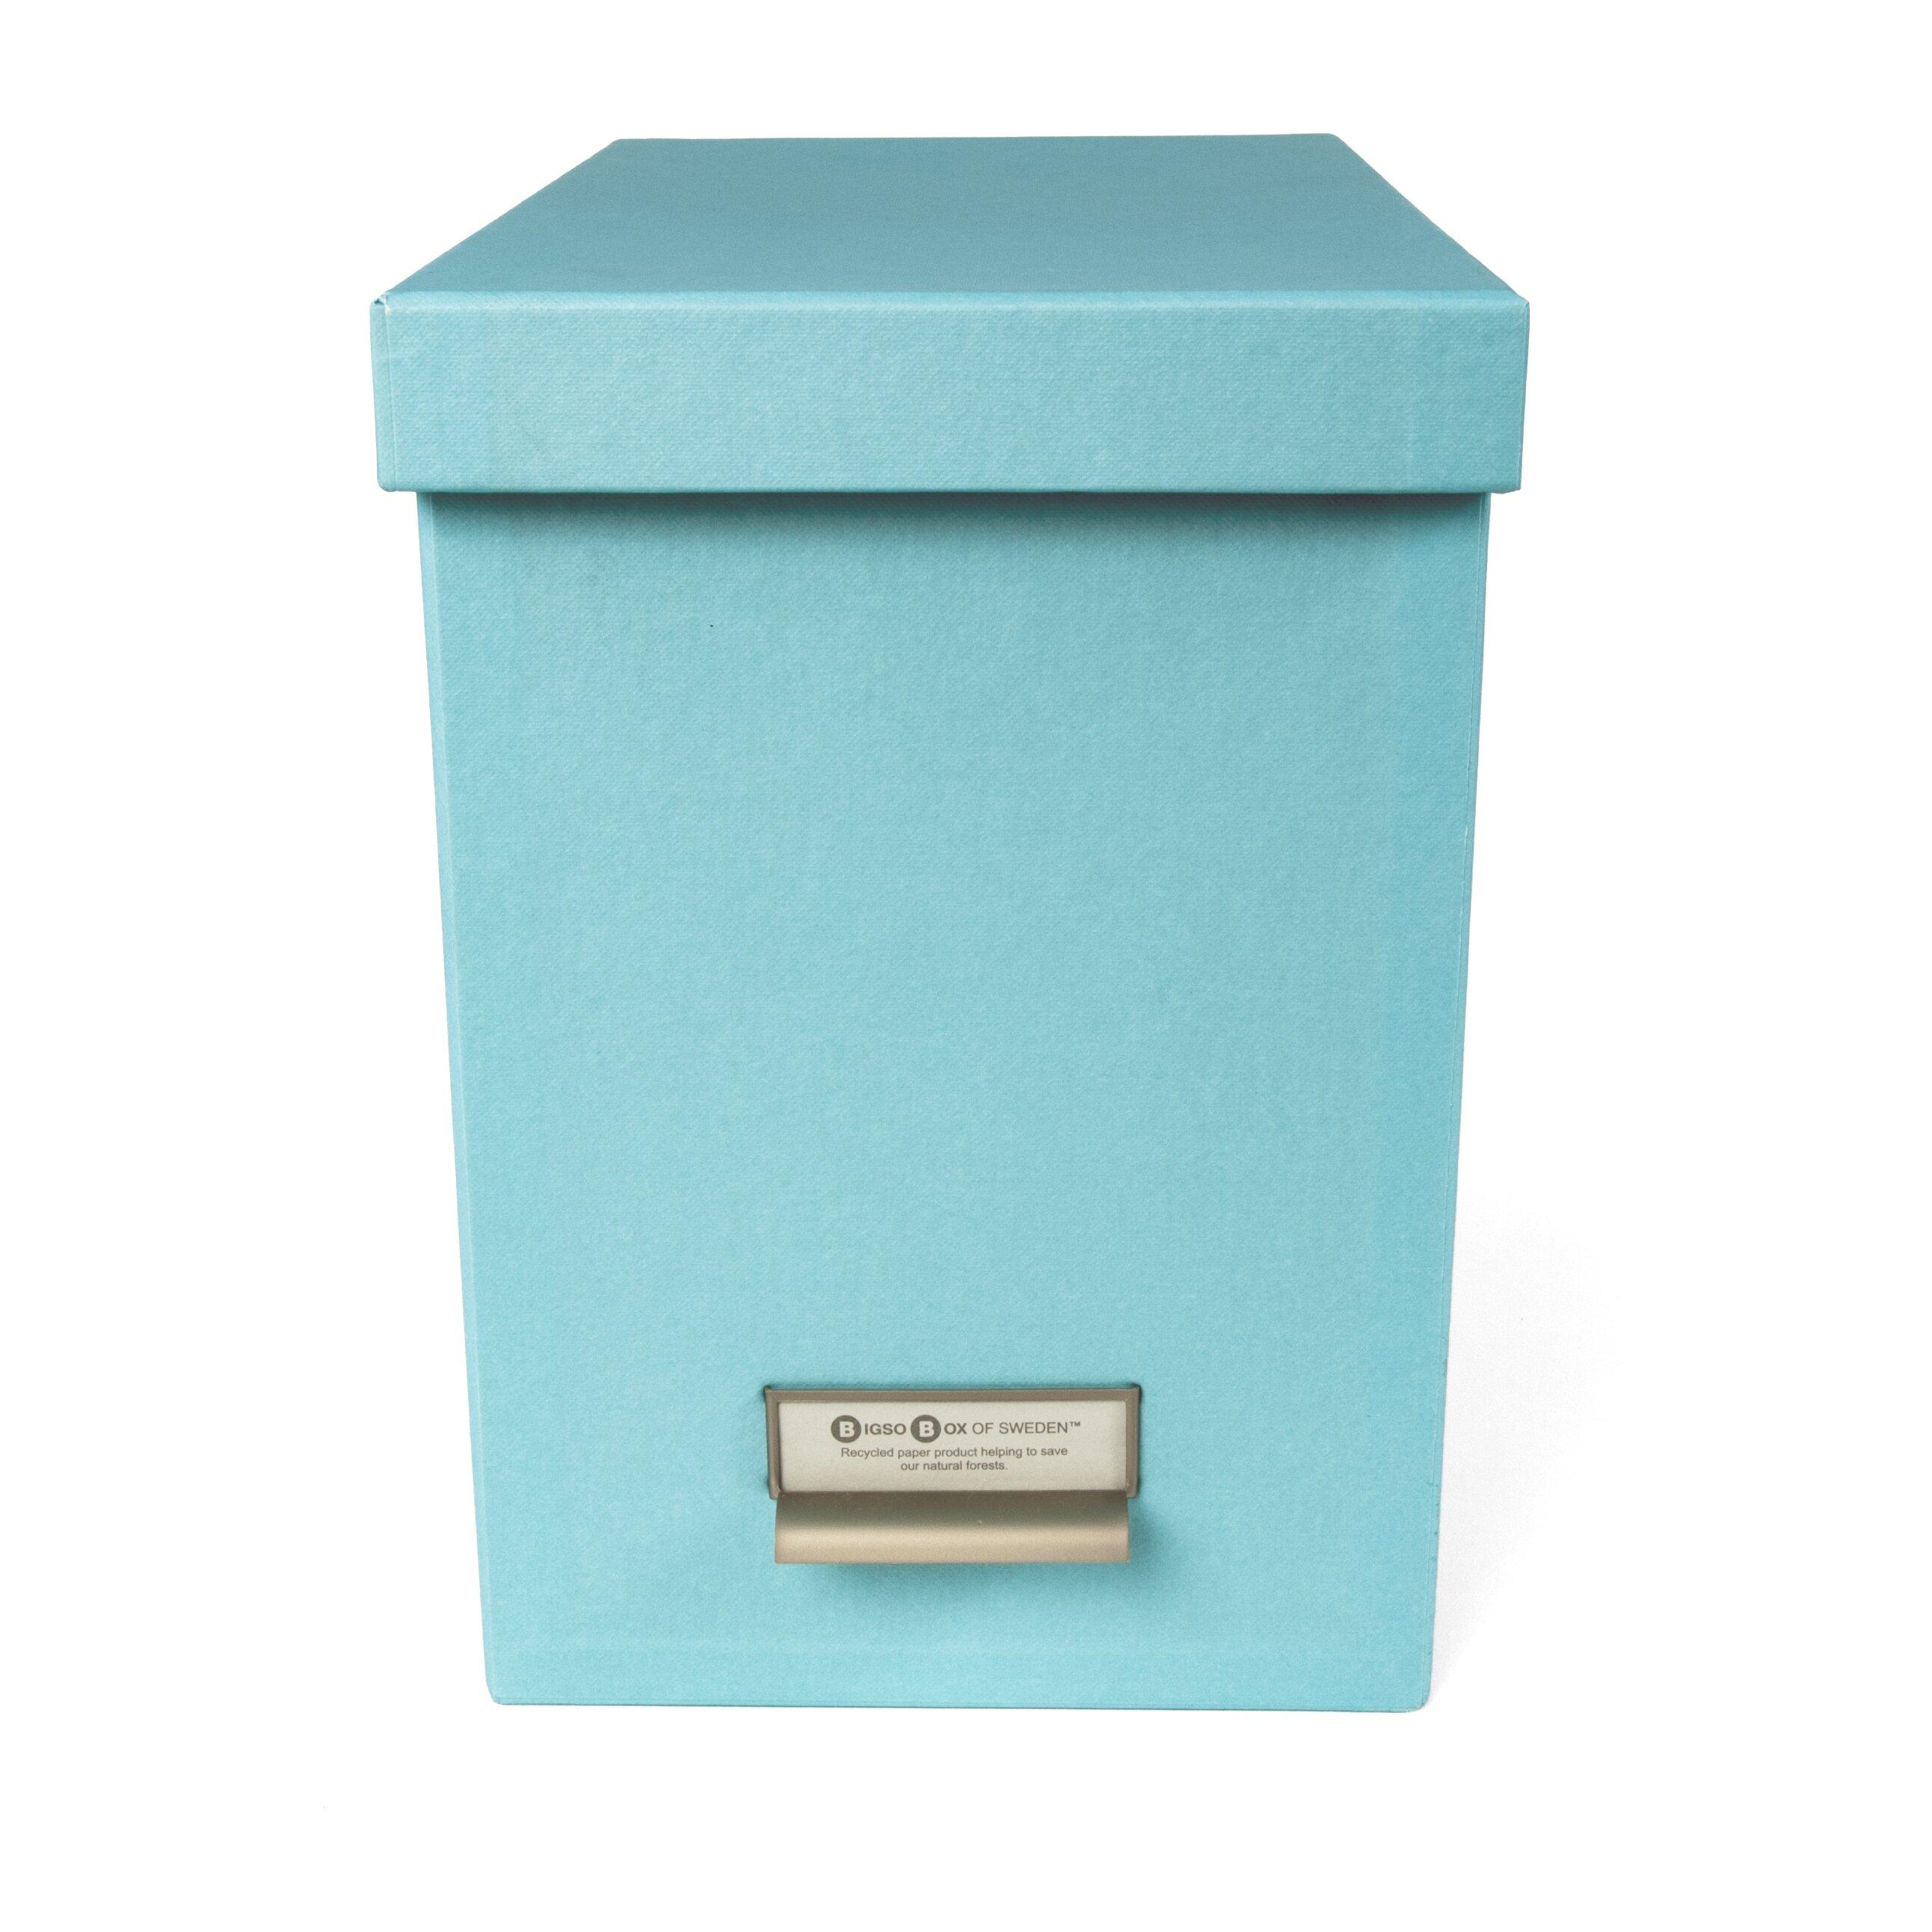 Bigso John Desktop File Box For Hanging File Amp Reviews